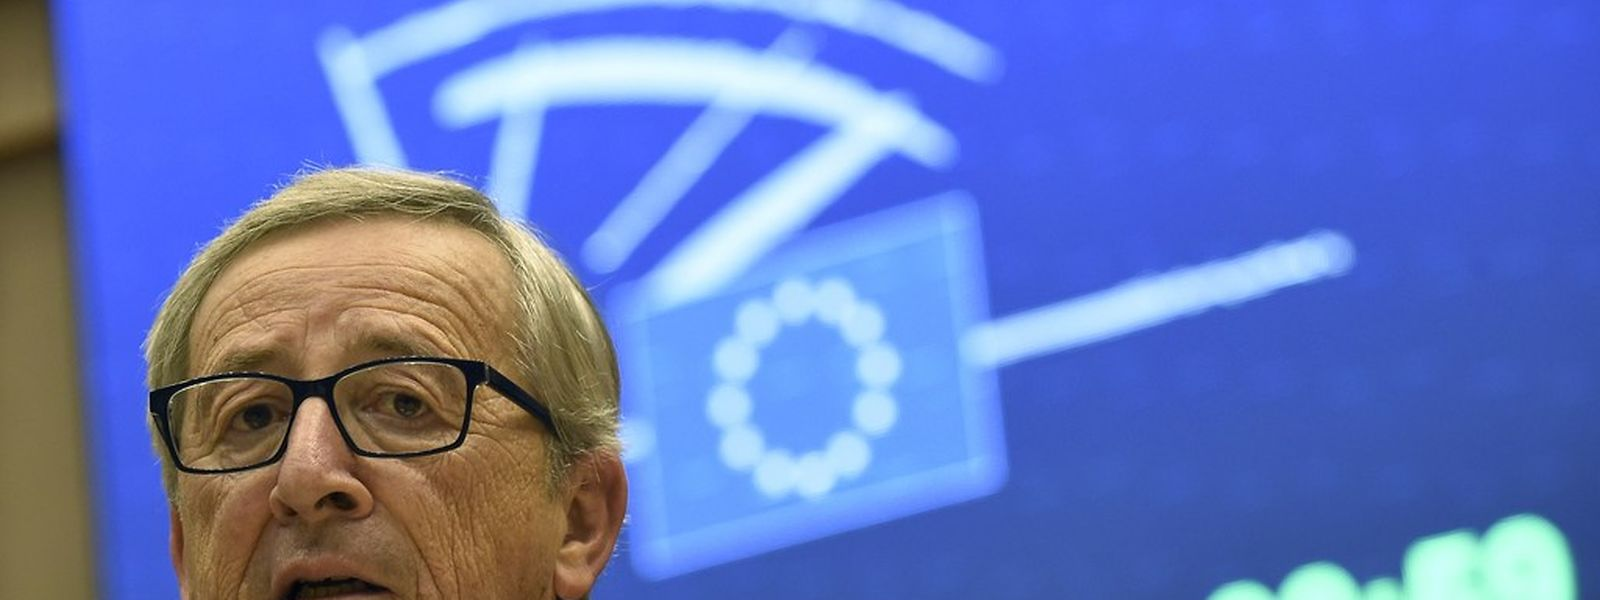 «Cessez de m'insulter!», s'est exclamé lundi devant le Parlement européen le président de la Commission Jean-Claude Juncker, à l'intention des élus europhobes qui ont déposé contre lui une motion de censure après les révélations sur le scandale LuxLeaks.